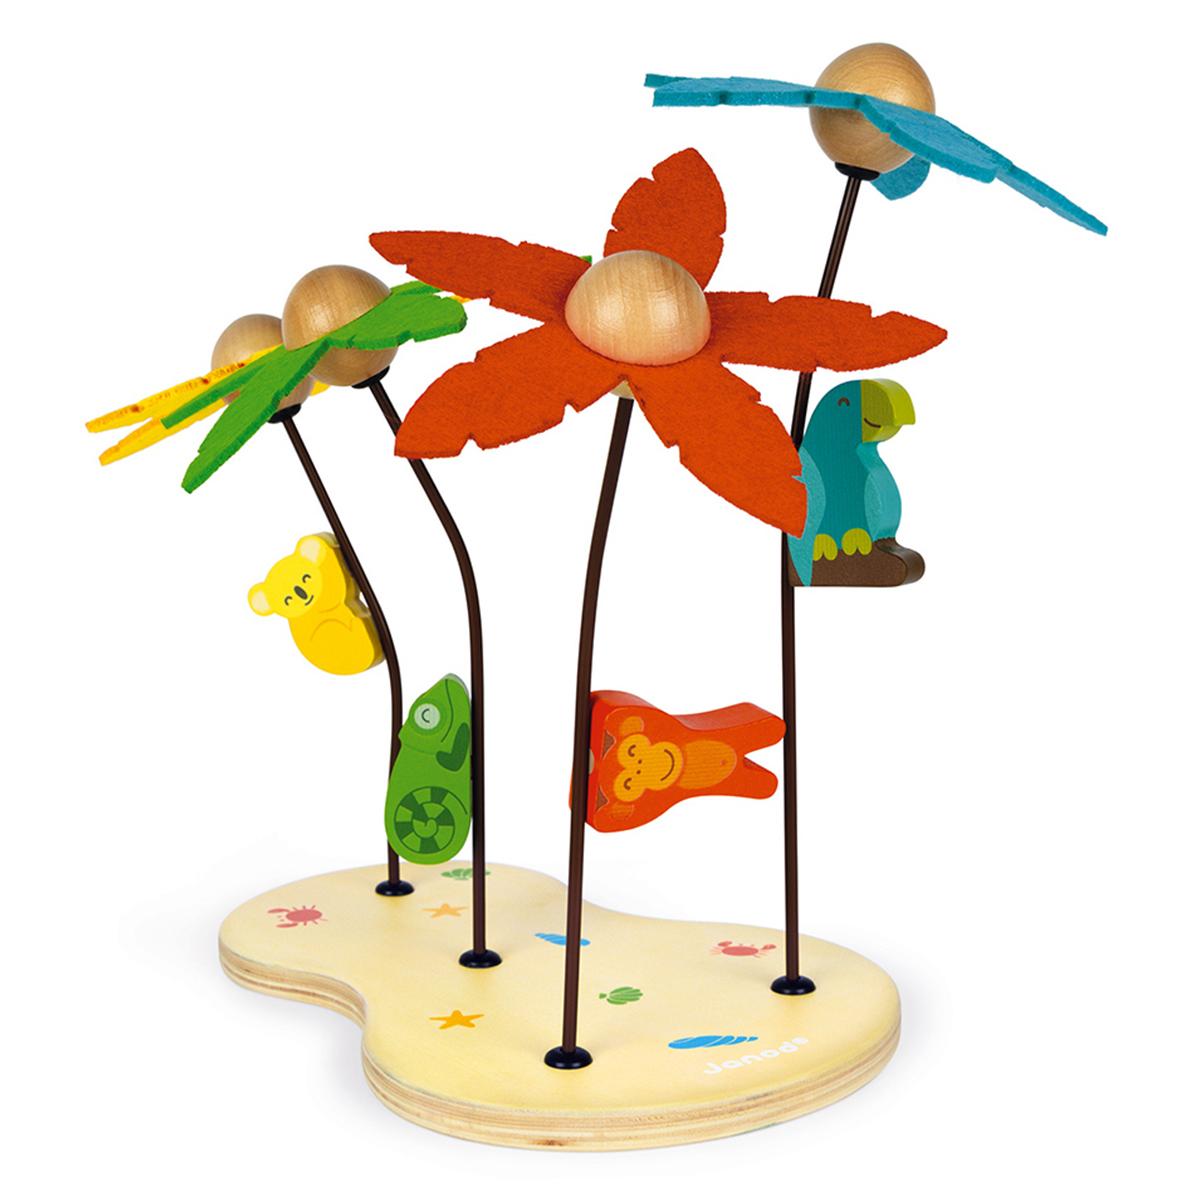 Mes premiers jouets J'apprends le Tri des Couleurs - L'Île aux Cocotiers J'apprends le Tri des Couleurs - L'Île aux Cocotiers